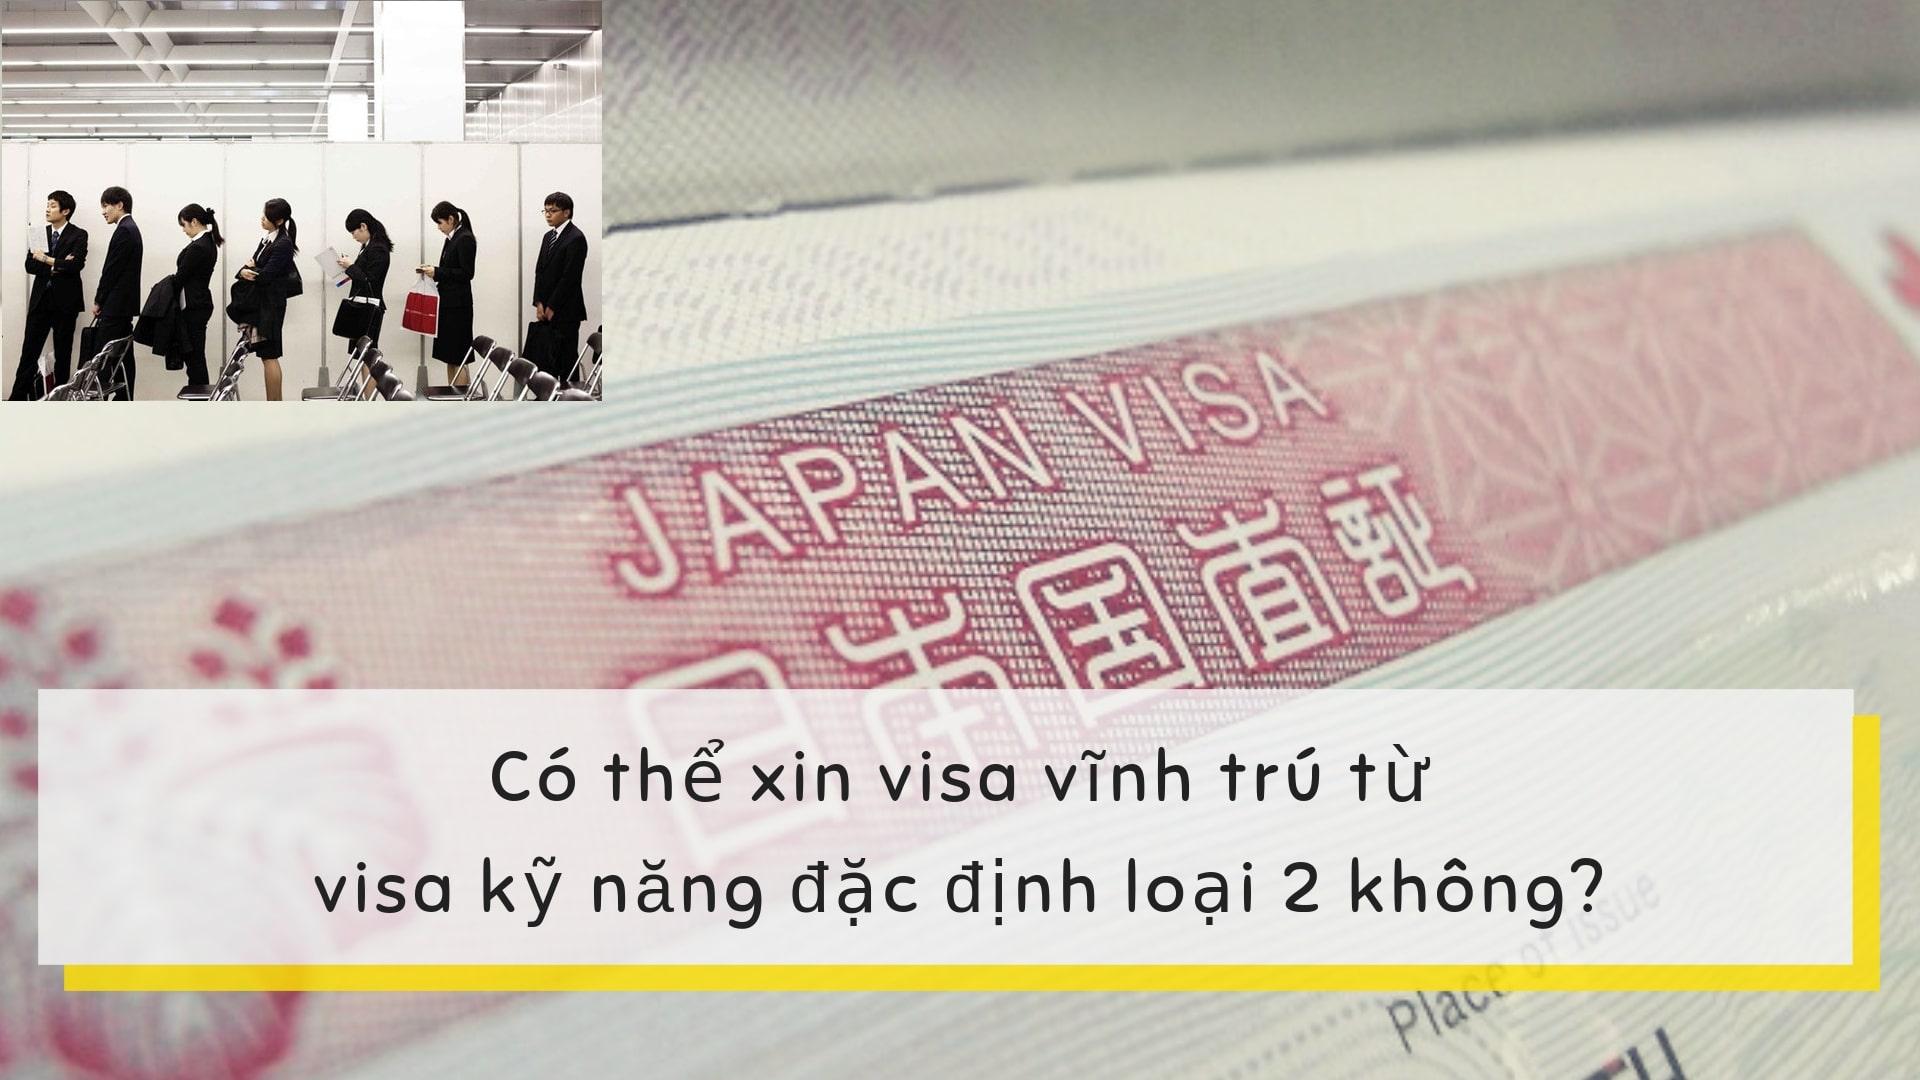 Có thể xin visa vĩnh trú từ visa kỹ năng đặc định loại 2 không?